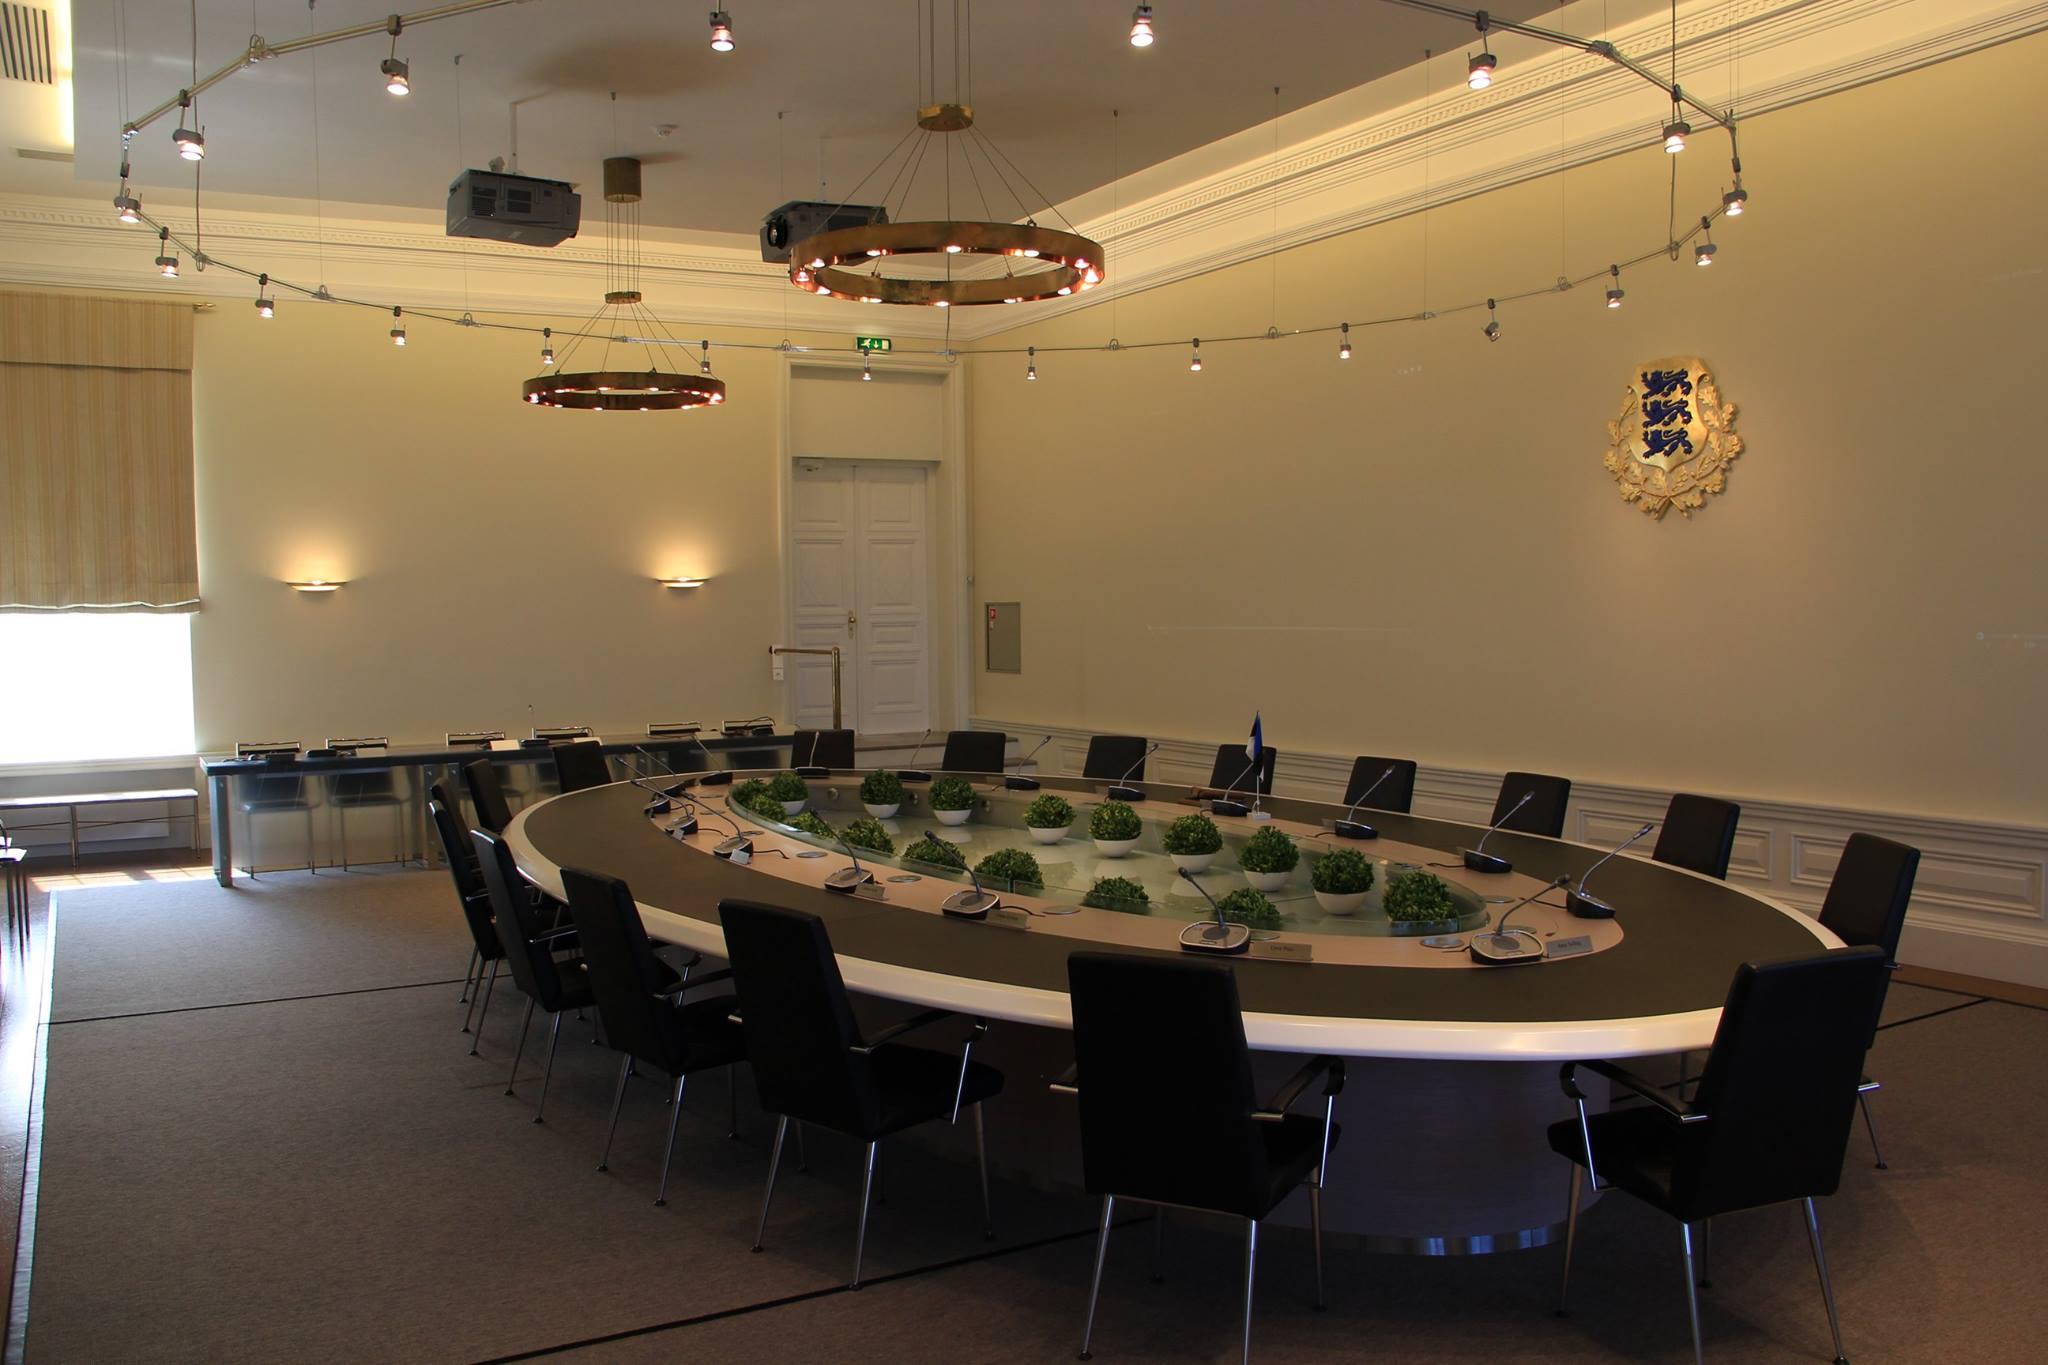 Gabinet estońskiej rady ministrów. Estońscy ministrowie zamiast wydruków mają wgląd do dokumentów i programów posiedzeń poprzez system e-rząd. Mogą również zgłaszać chęć zabrania głosu przed spotkaniami. Ministrowie mogą brać udział w spotkaniach zdalnie. Dzięki technologii i lepszej organizacji posiedzenia rządu zostały skrócone z 4-5 godzin do 30-90 minut. Fot. Kazimierz Popławski